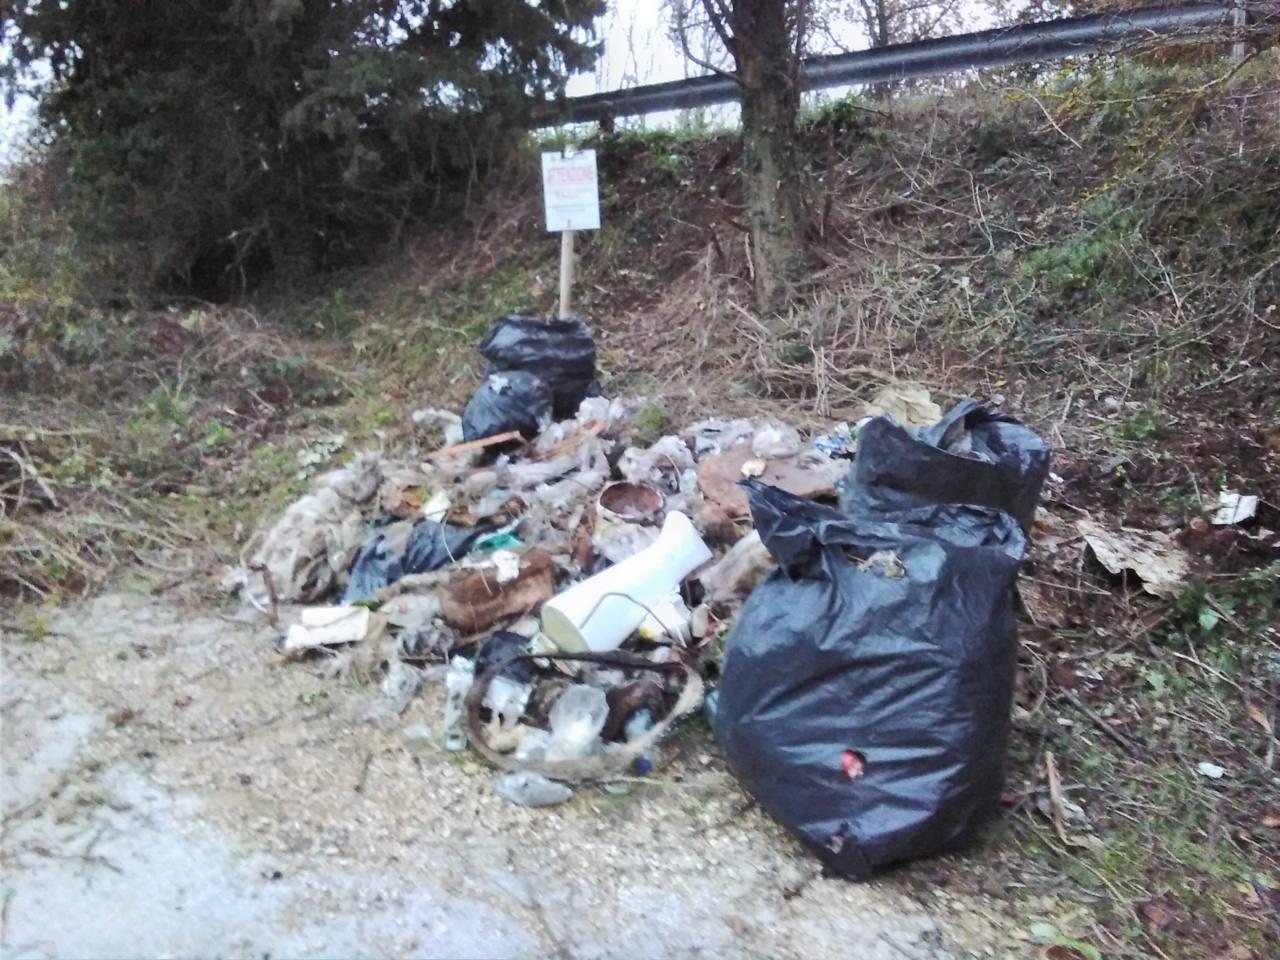 Fiume Misa, volontari puliscono un tratto da rifiuti e vegetazione in eccesso